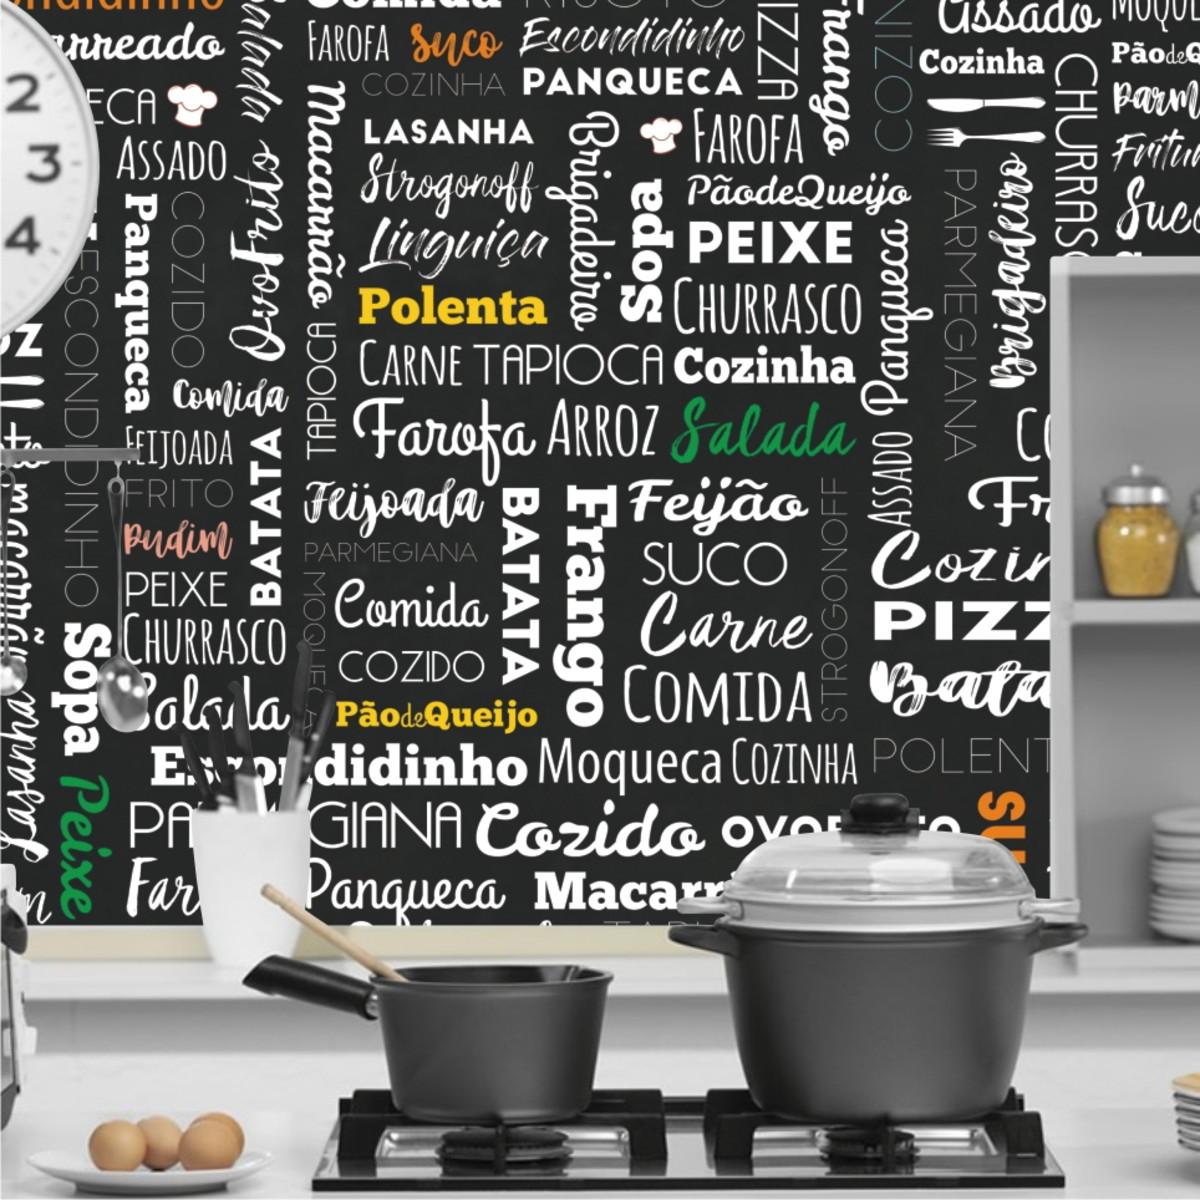 Papel De Parede Para Cozinha Gourmet 2m Vinilico M125 No Elo7